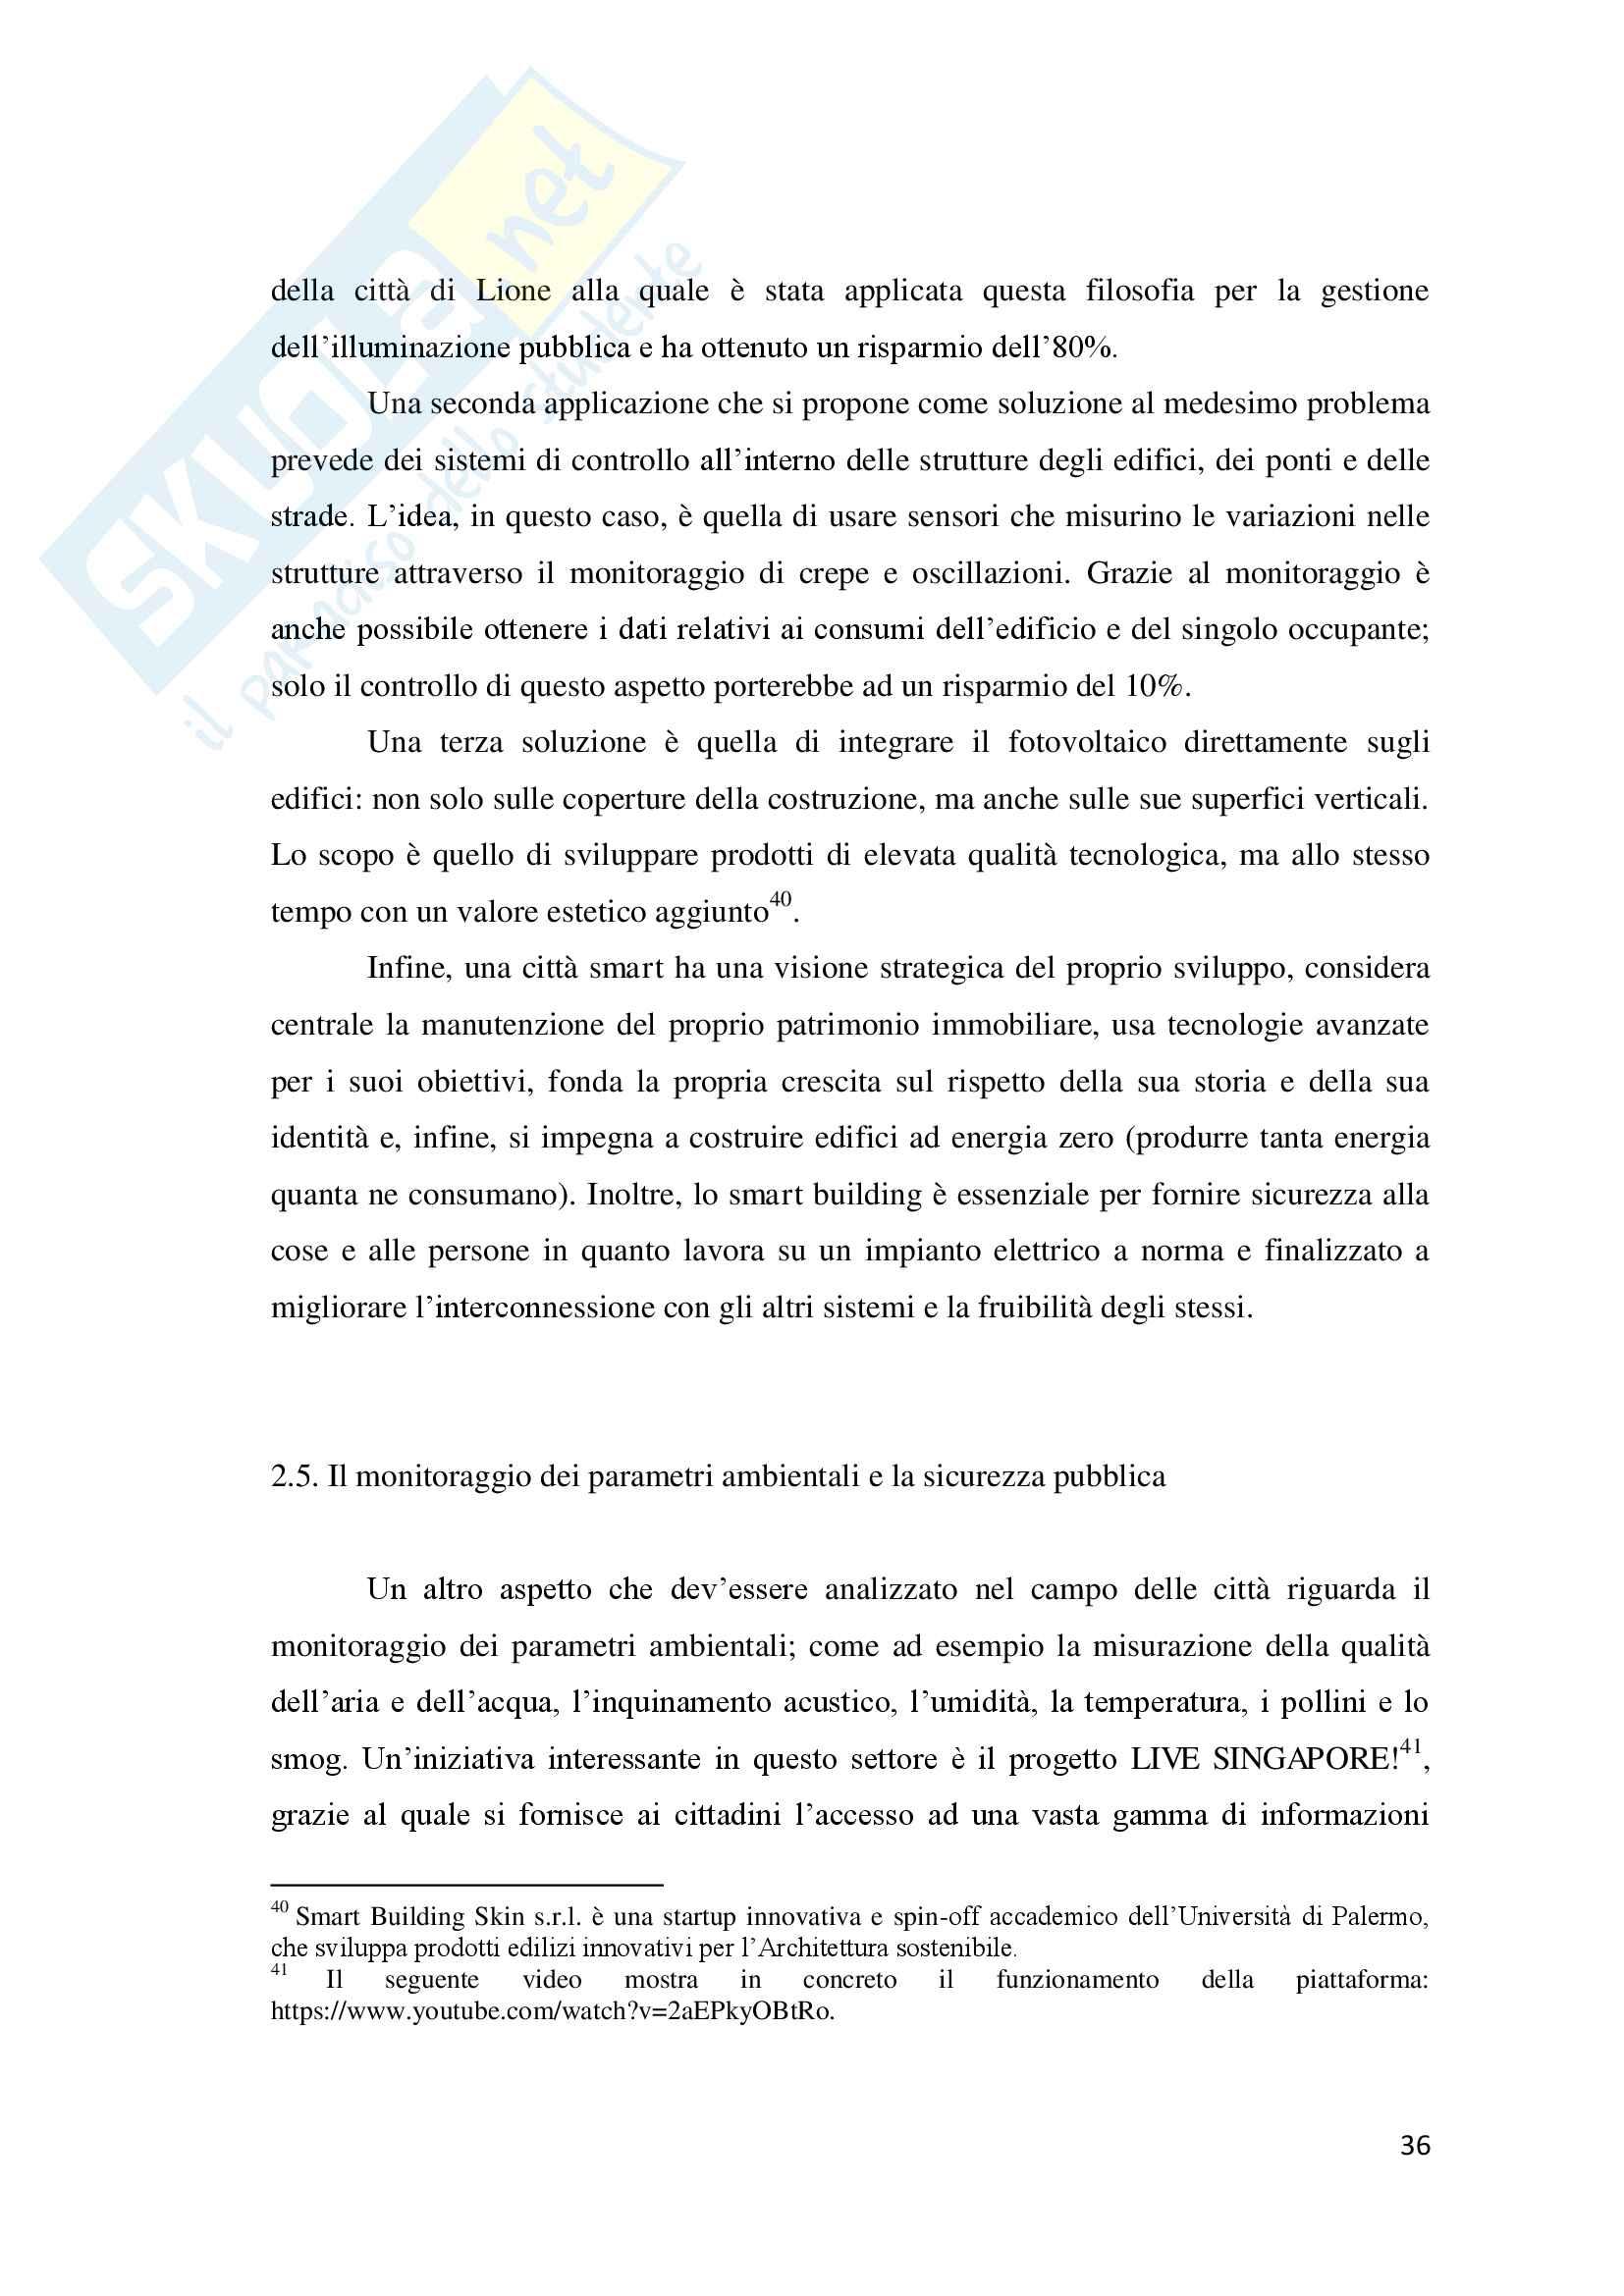 Torino Smart City: la rigenerazione della città attraverso le Information and Communication Technologies. Pag. 36